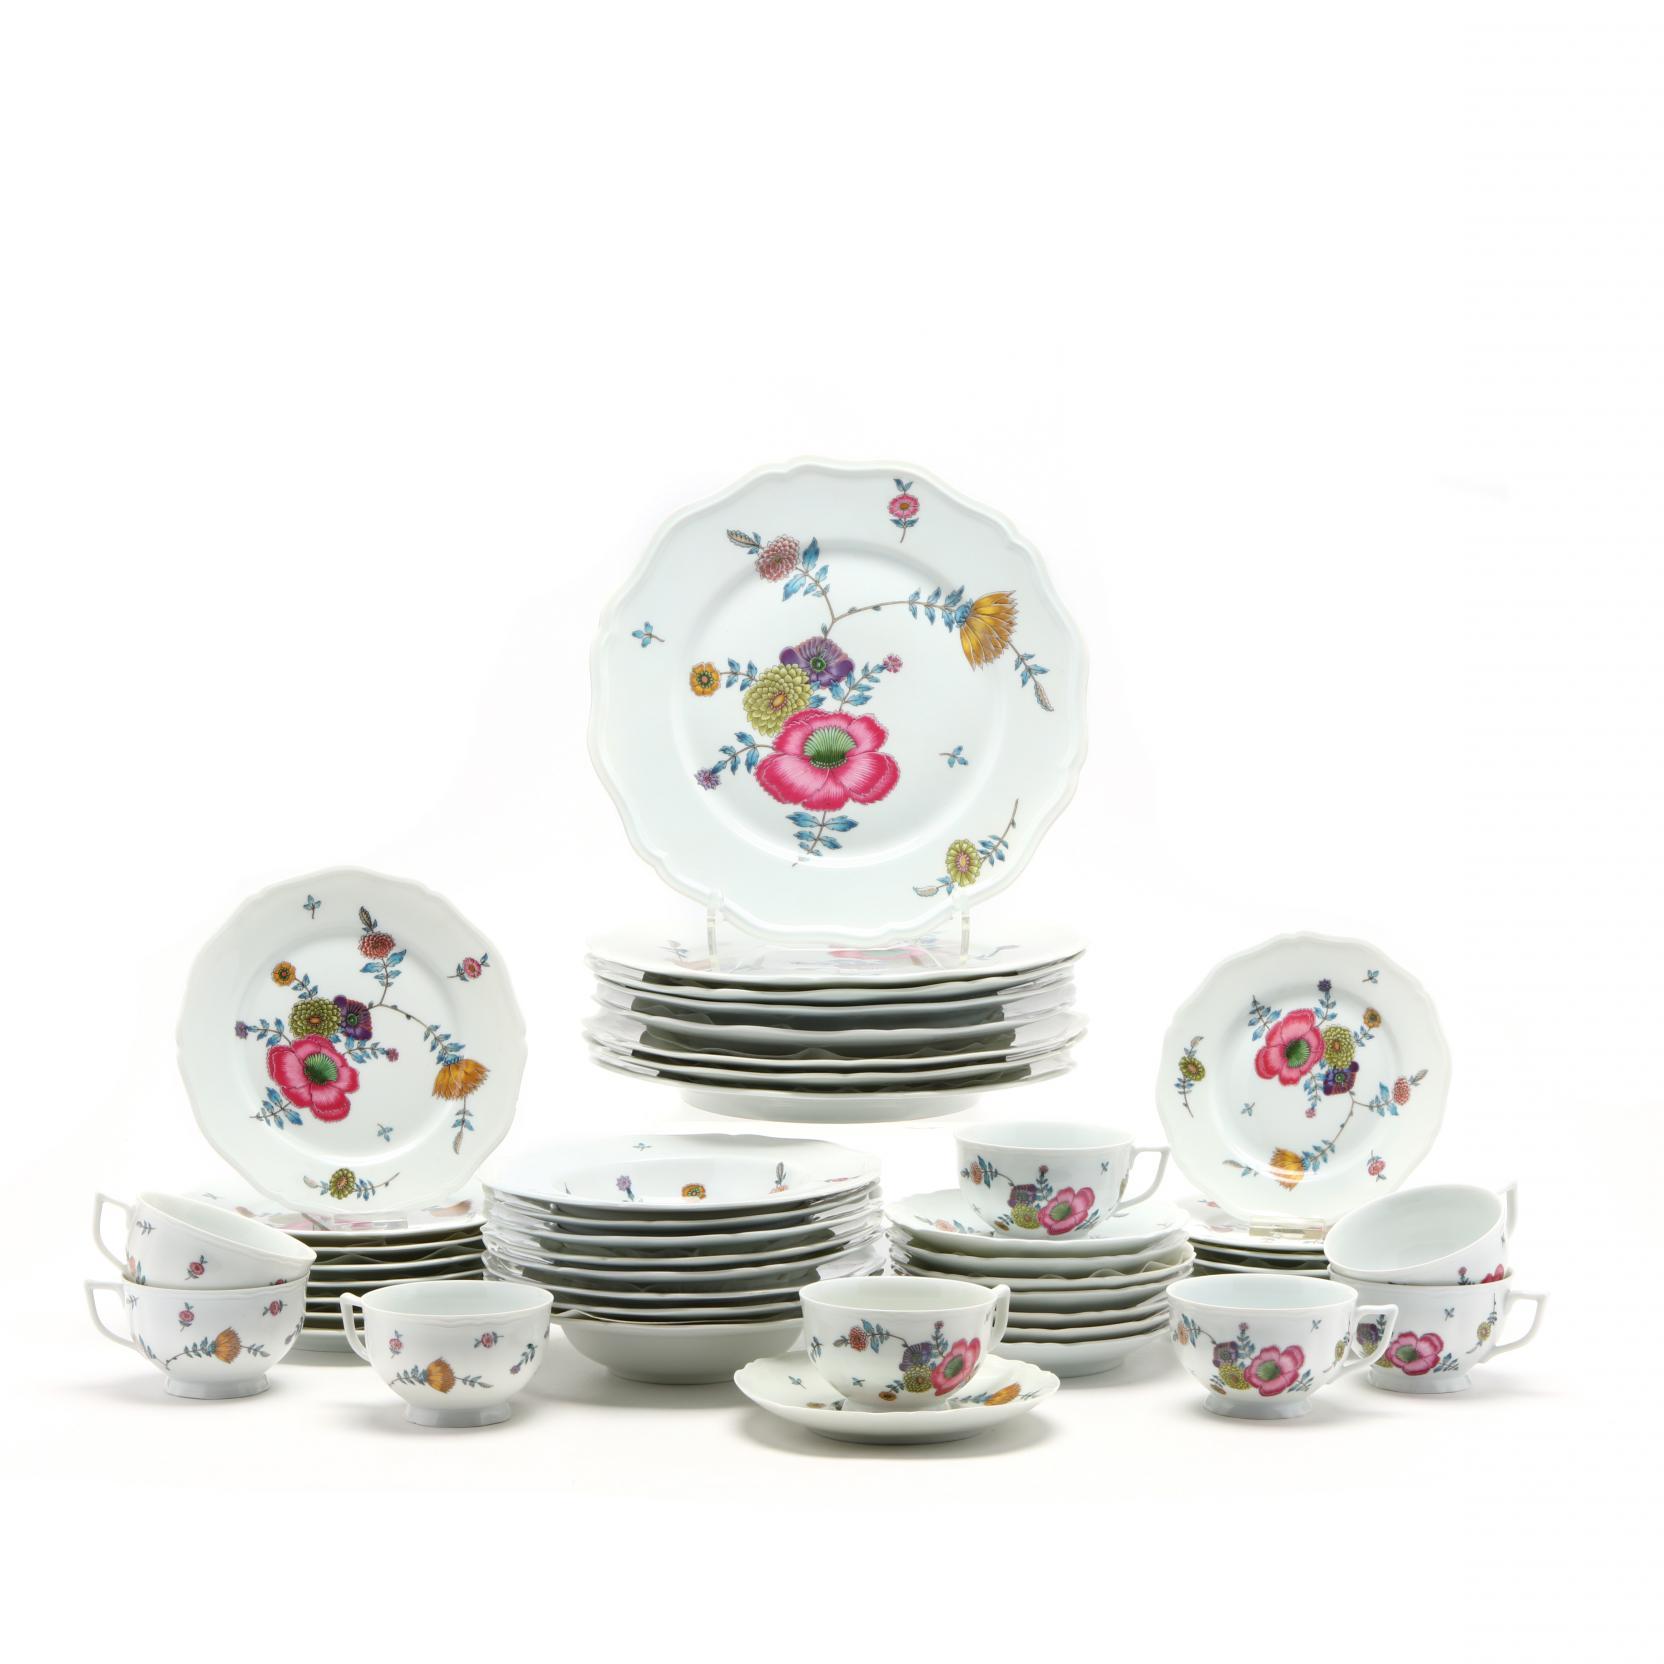 ceralene-limoges-anemones-dinner-service